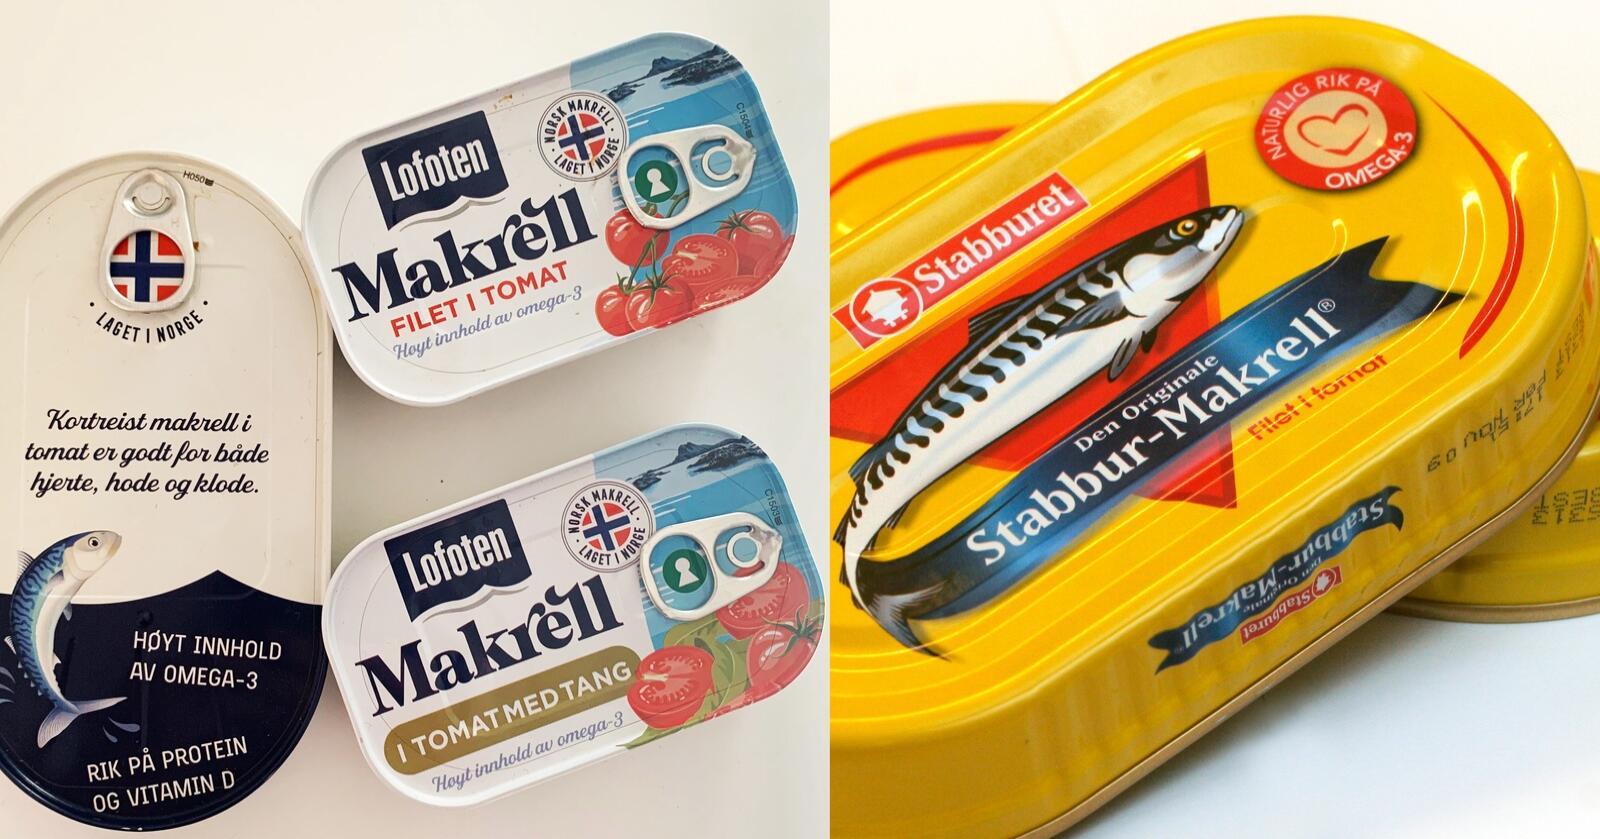 Orkla har saksøkt makrell i tomat-varianten til Lofotprodukt. De mener fiskematselskapet markedsfører produktet under falske forutsetninger med hensyn til Omega 3-innhold og kortreisthet. Foto: Lofotprodukt / NTB